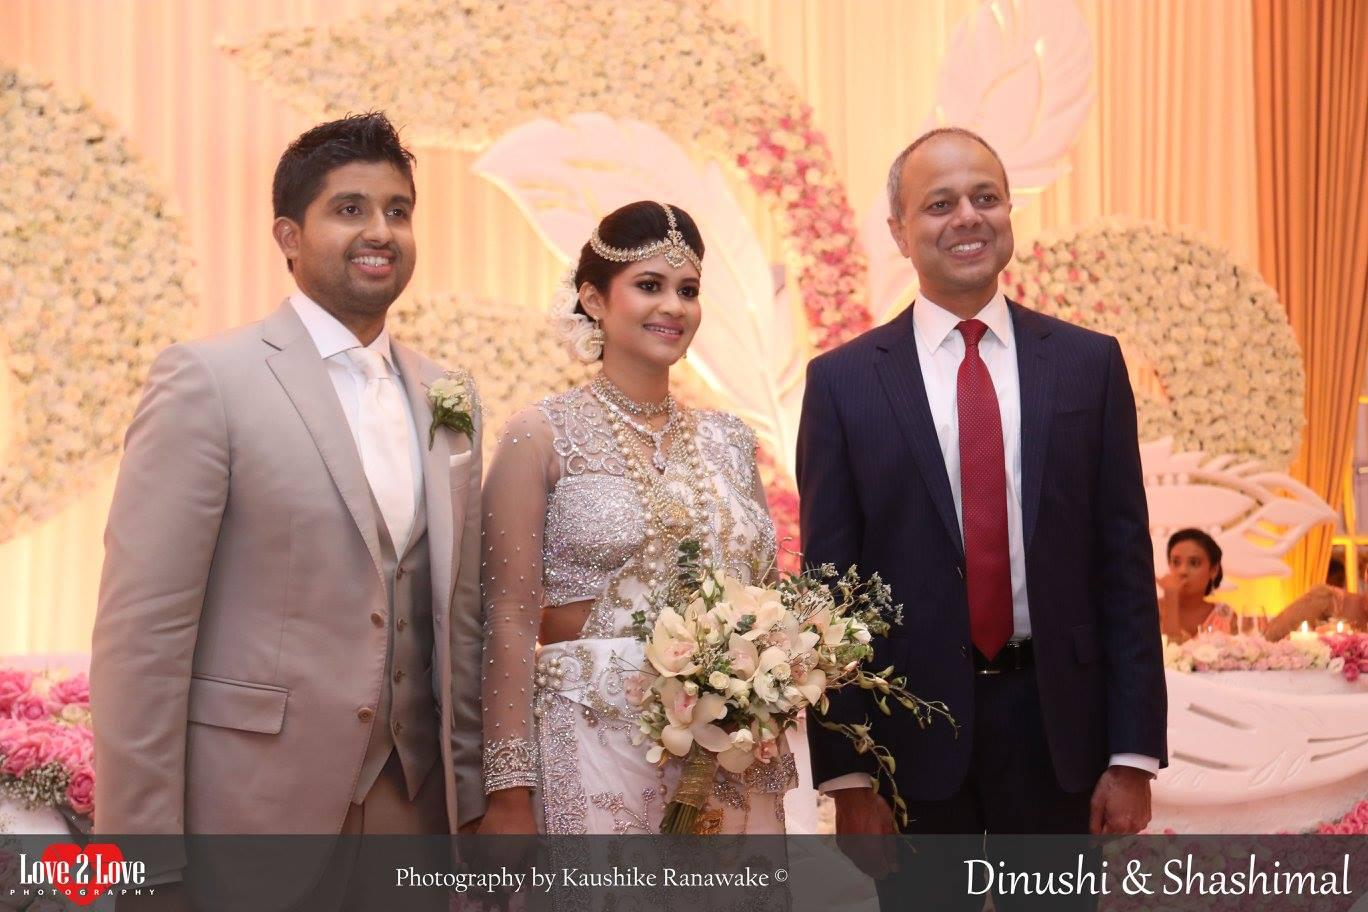 Anuruddhika padukka wedding bands